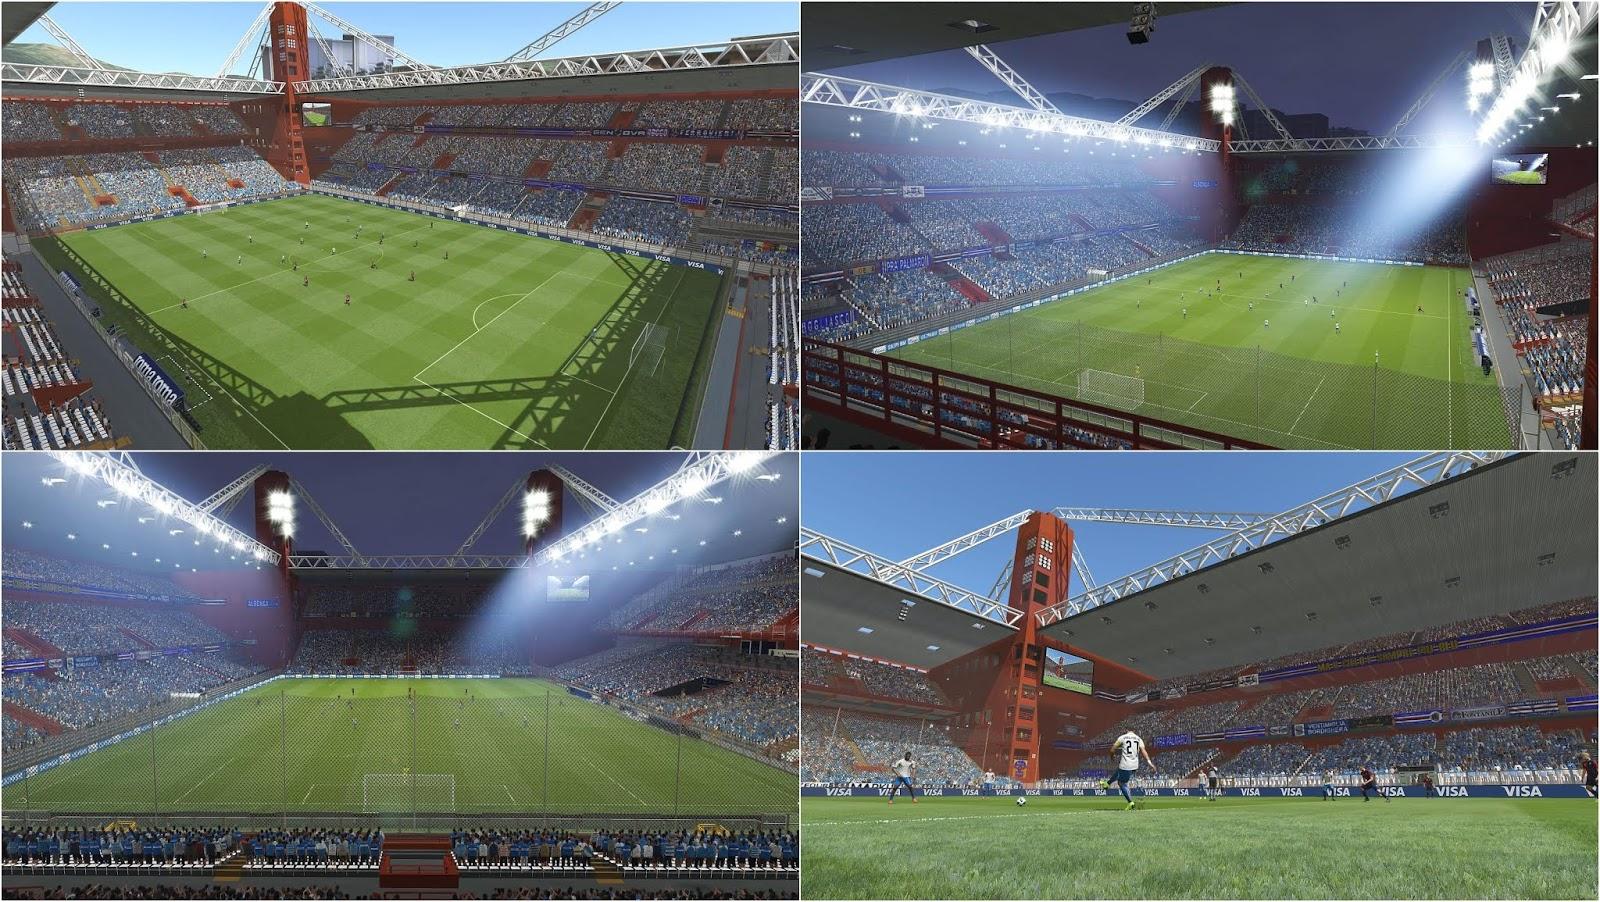 PES 2019 Stadio Luigi Ferraris (Genoa and Sampdoria's Home) by Ismail1795